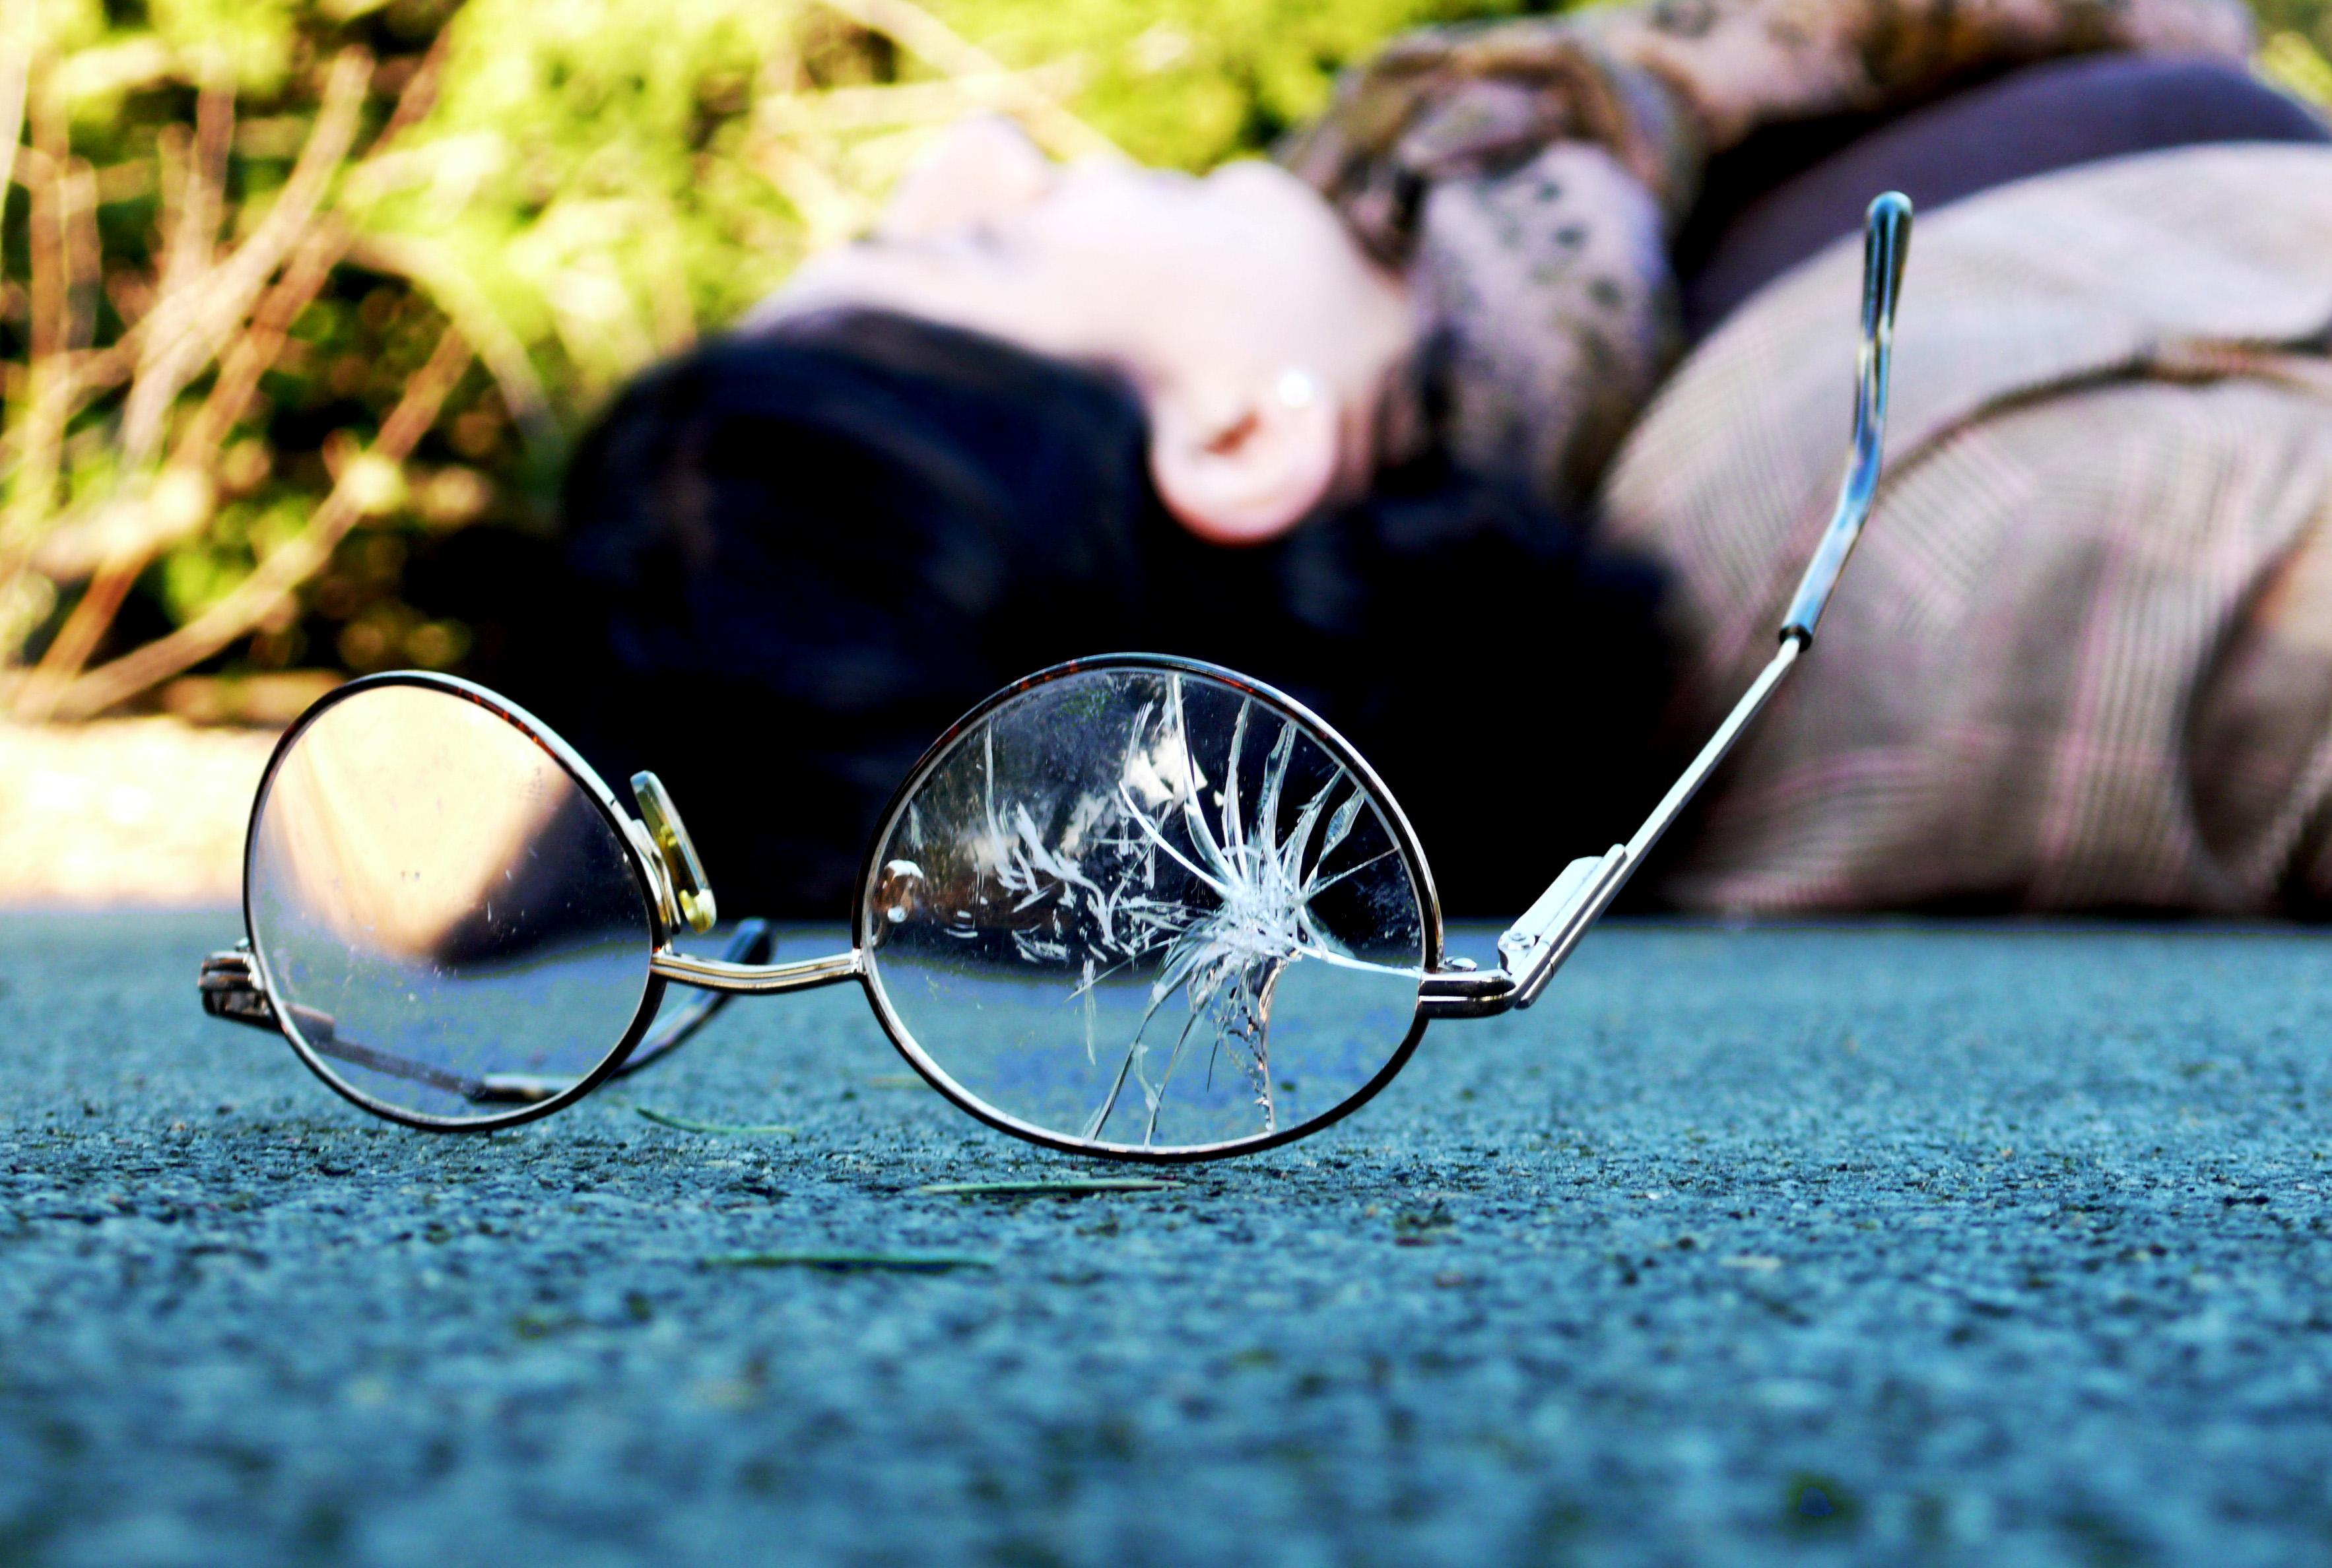 Разбитое очко фото 7 фотография